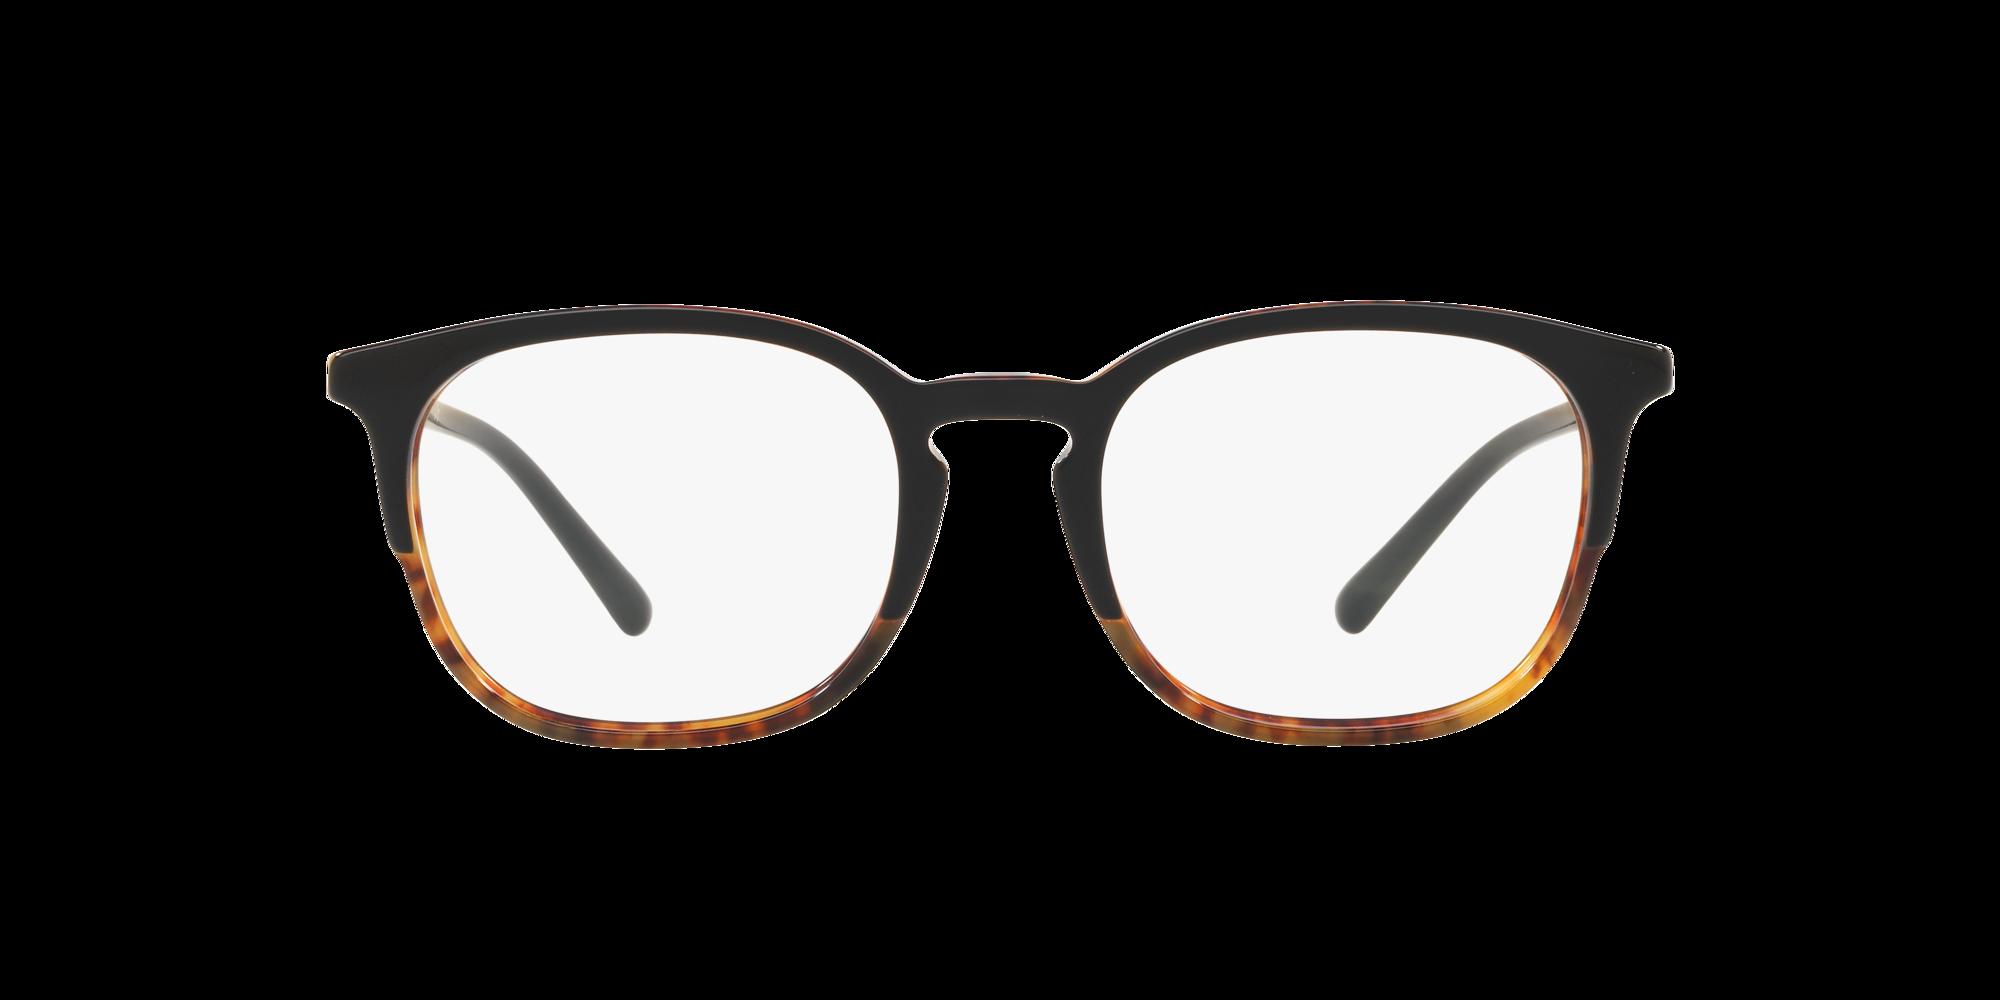 Imagen para BE2272 de LensCrafters |  Espejuelos, espejuelos graduados en línea, gafas